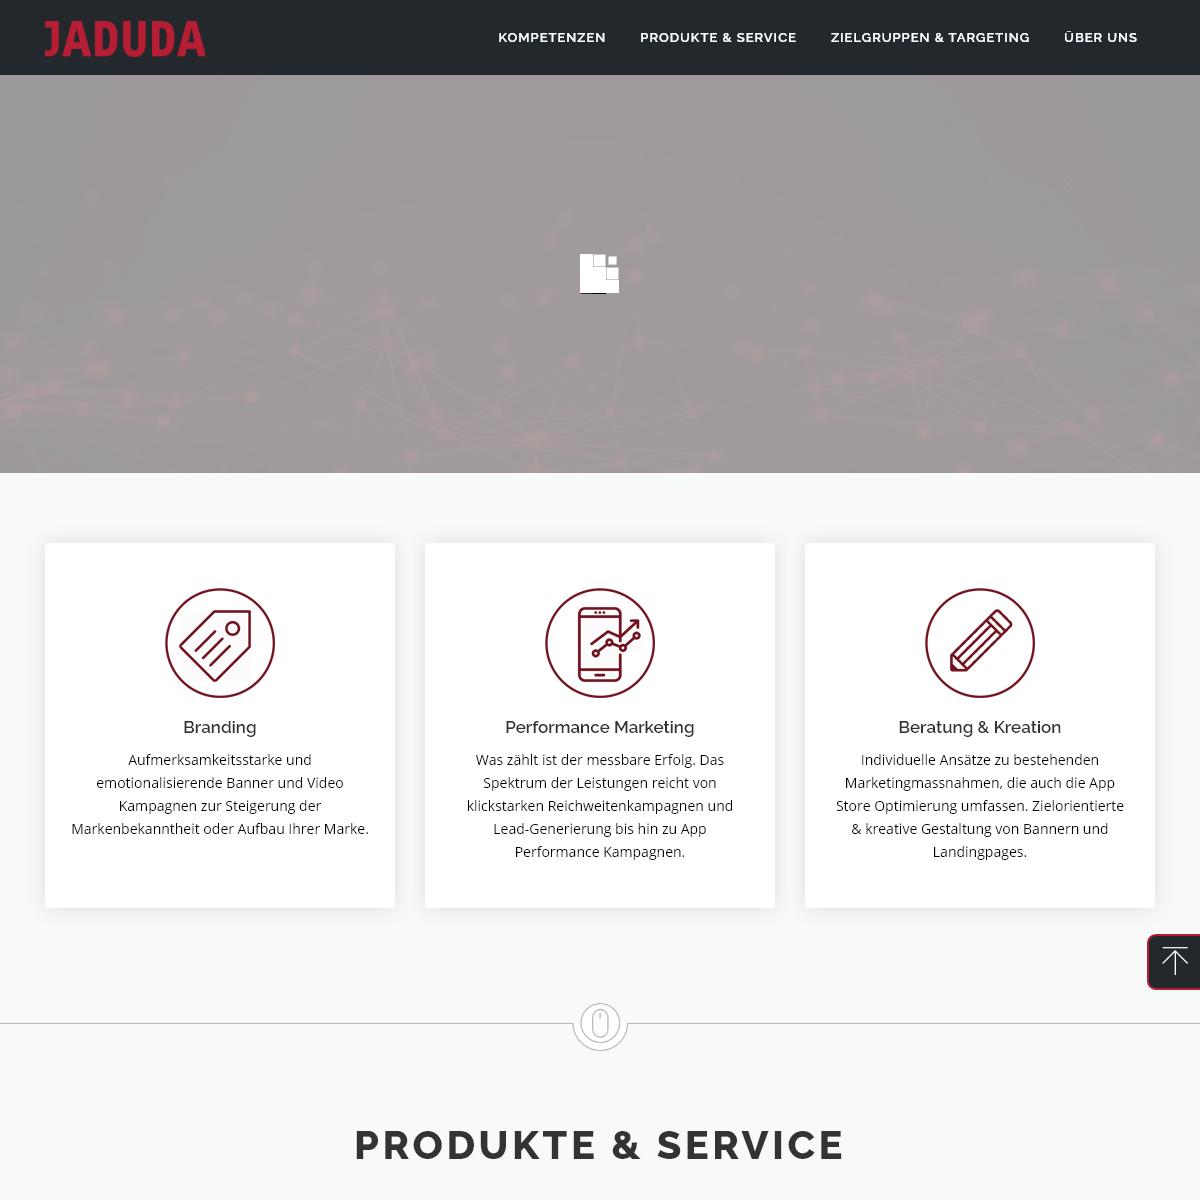 Jaduda Mobile Engine – Jaduda ist die führende Mobile Performance Agentur in der DACH Region. Das neuartige Mobile Engine Mar